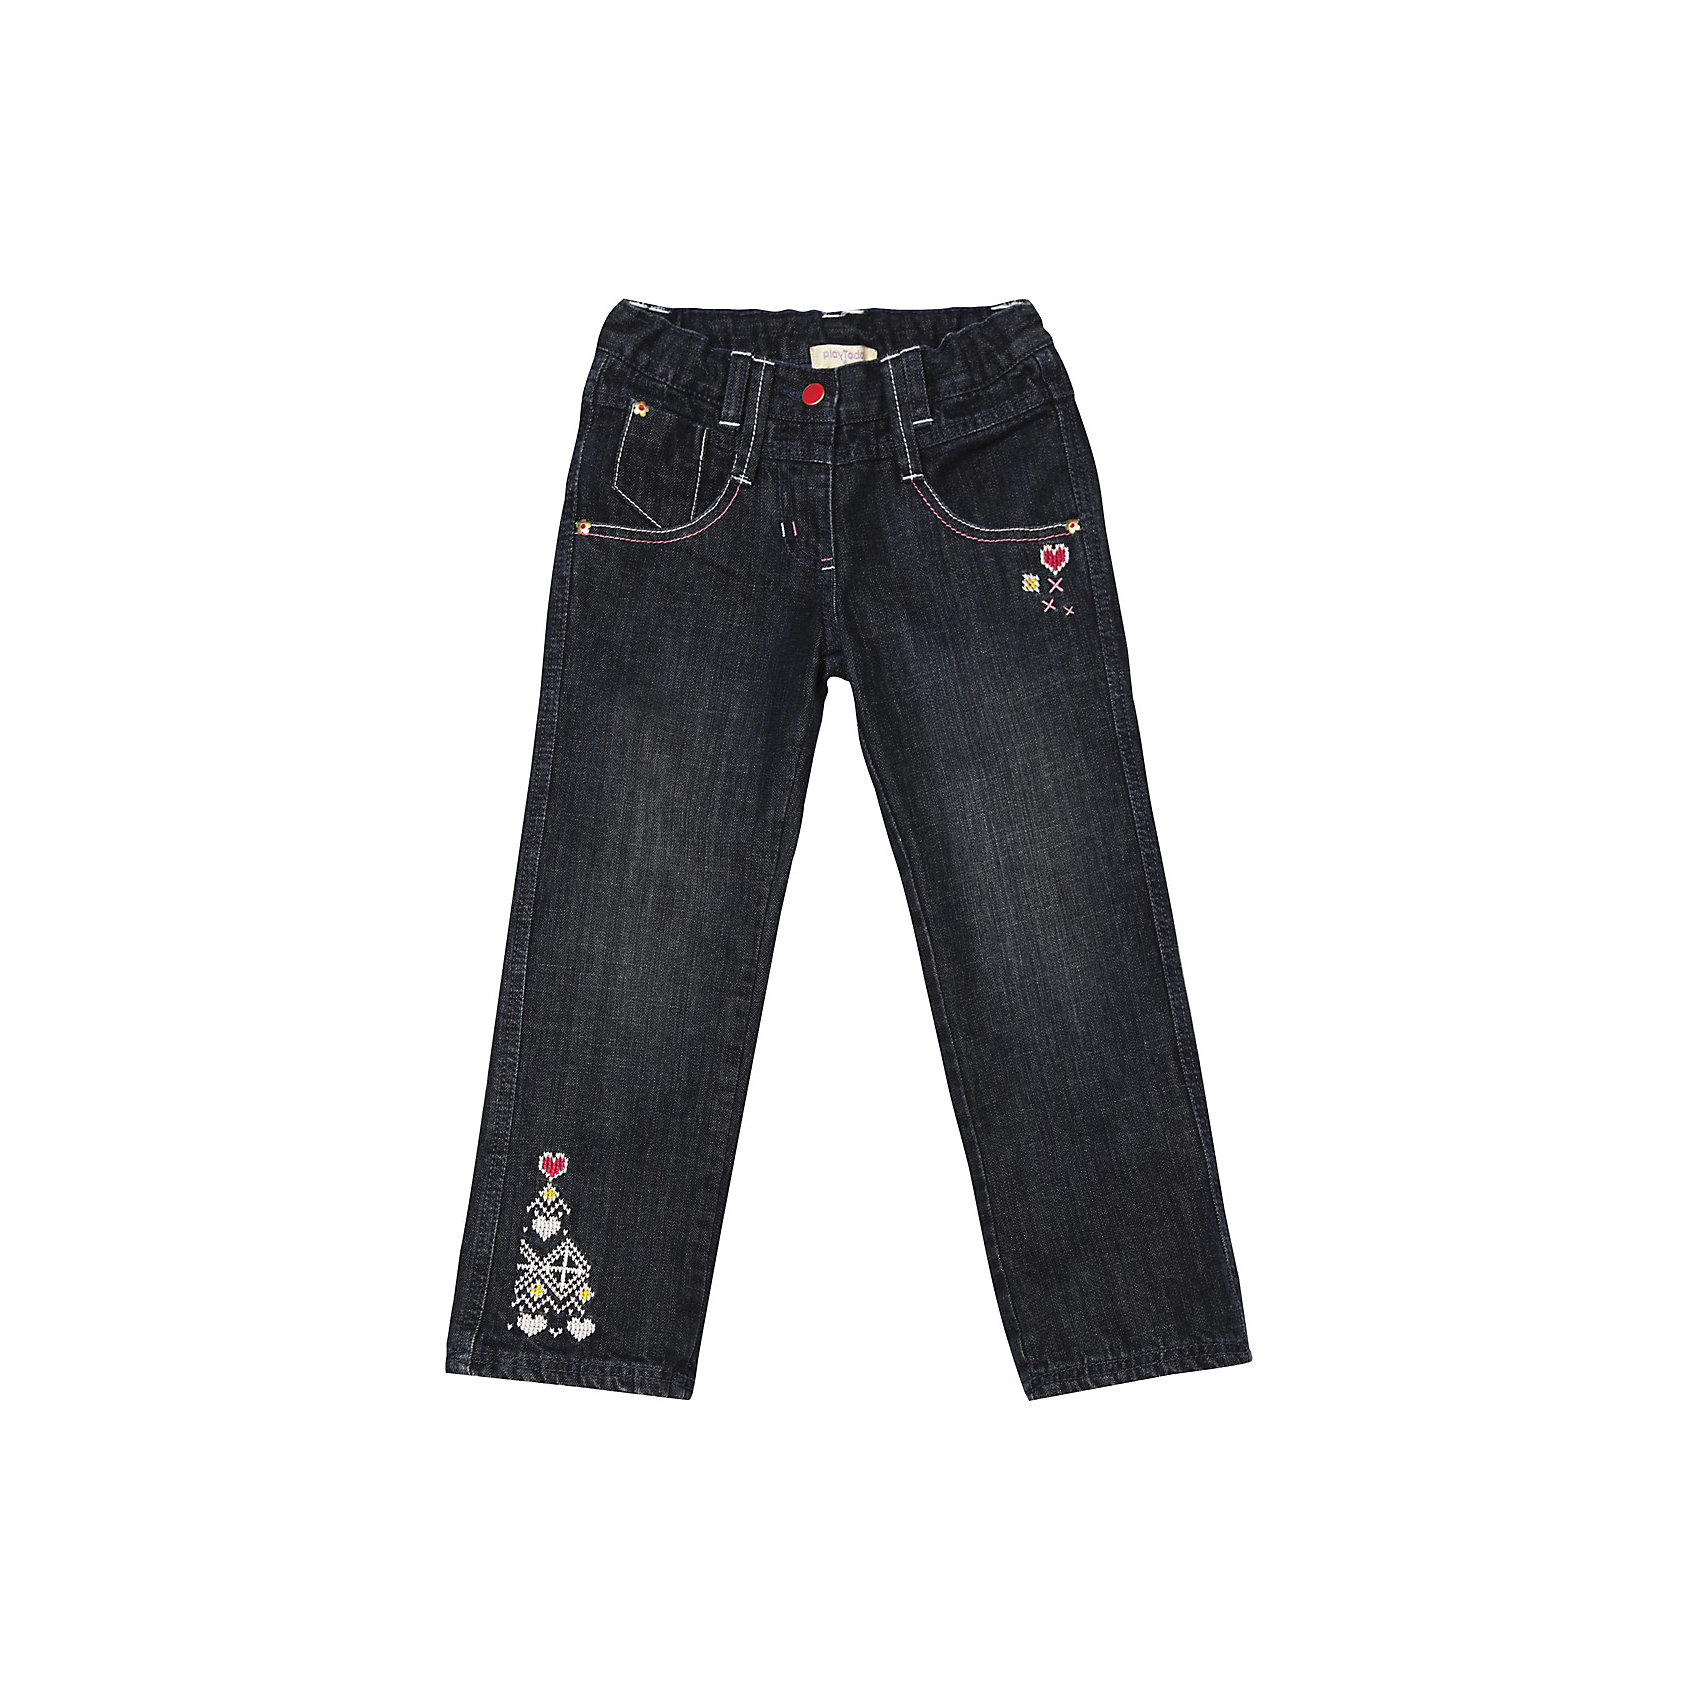 Джинсы для девочки PlayTodayДжинсовая одежда<br>* замечательные джинсы на каждый день для маленькой модницы<br>* джинсы на подкладке из хлопка<br>* пояс с внутренней резинкой <br>* застежка - болт, молния<br>* модель с карманами<br>* декор - имитация жаккарда<br>Состав:<br>100% хлопок<br><br>Брюки для девочки PlayToday (Плэйтудей) можно купить в нашем магазине.<br><br>Ширина мм: 215<br>Глубина мм: 88<br>Высота мм: 191<br>Вес г: 336<br>Цвет: синий<br>Возраст от месяцев: 24<br>Возраст до месяцев: 36<br>Пол: Женский<br>Возраст: Детский<br>Размер: 98,116,104,128,122,110<br>SKU: 3304376